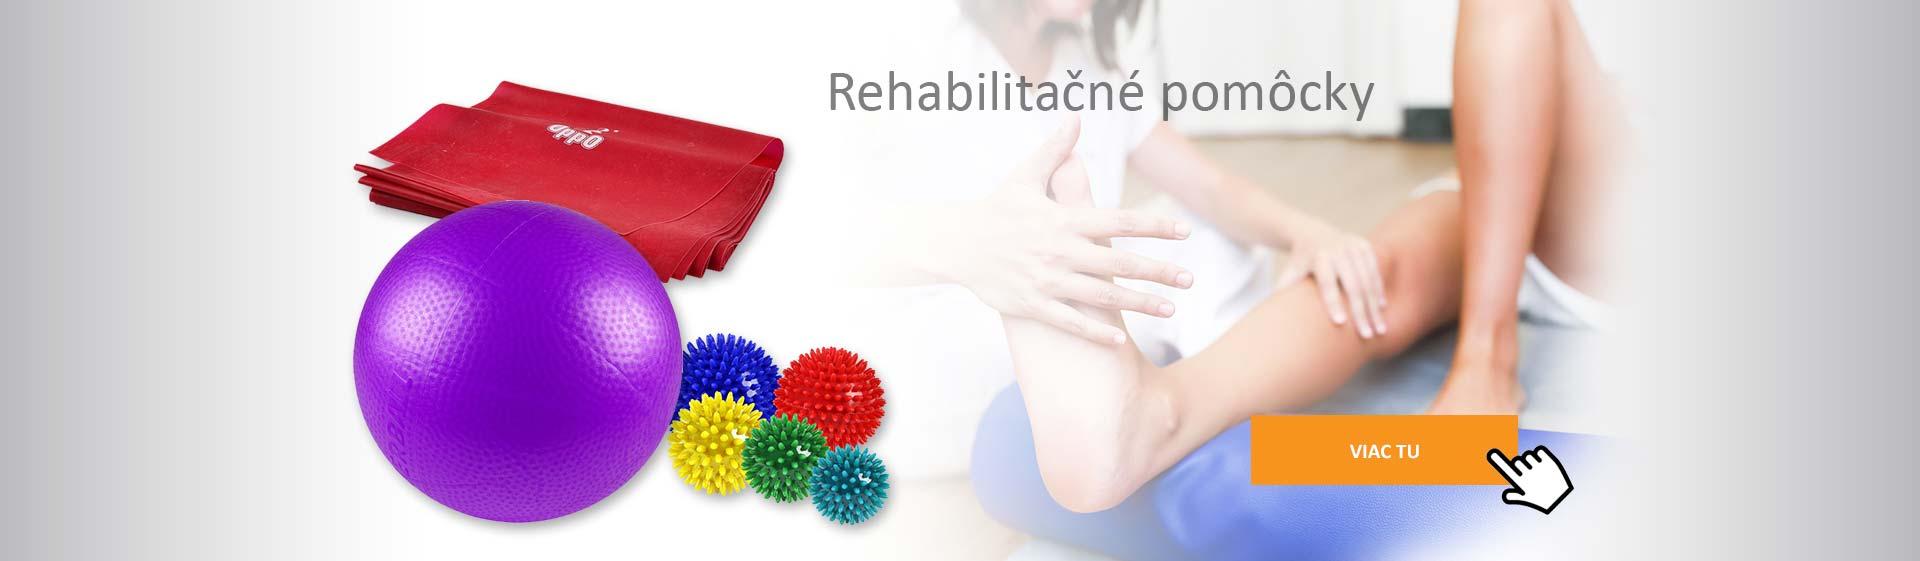 SK Rehabilitačné pomôcky